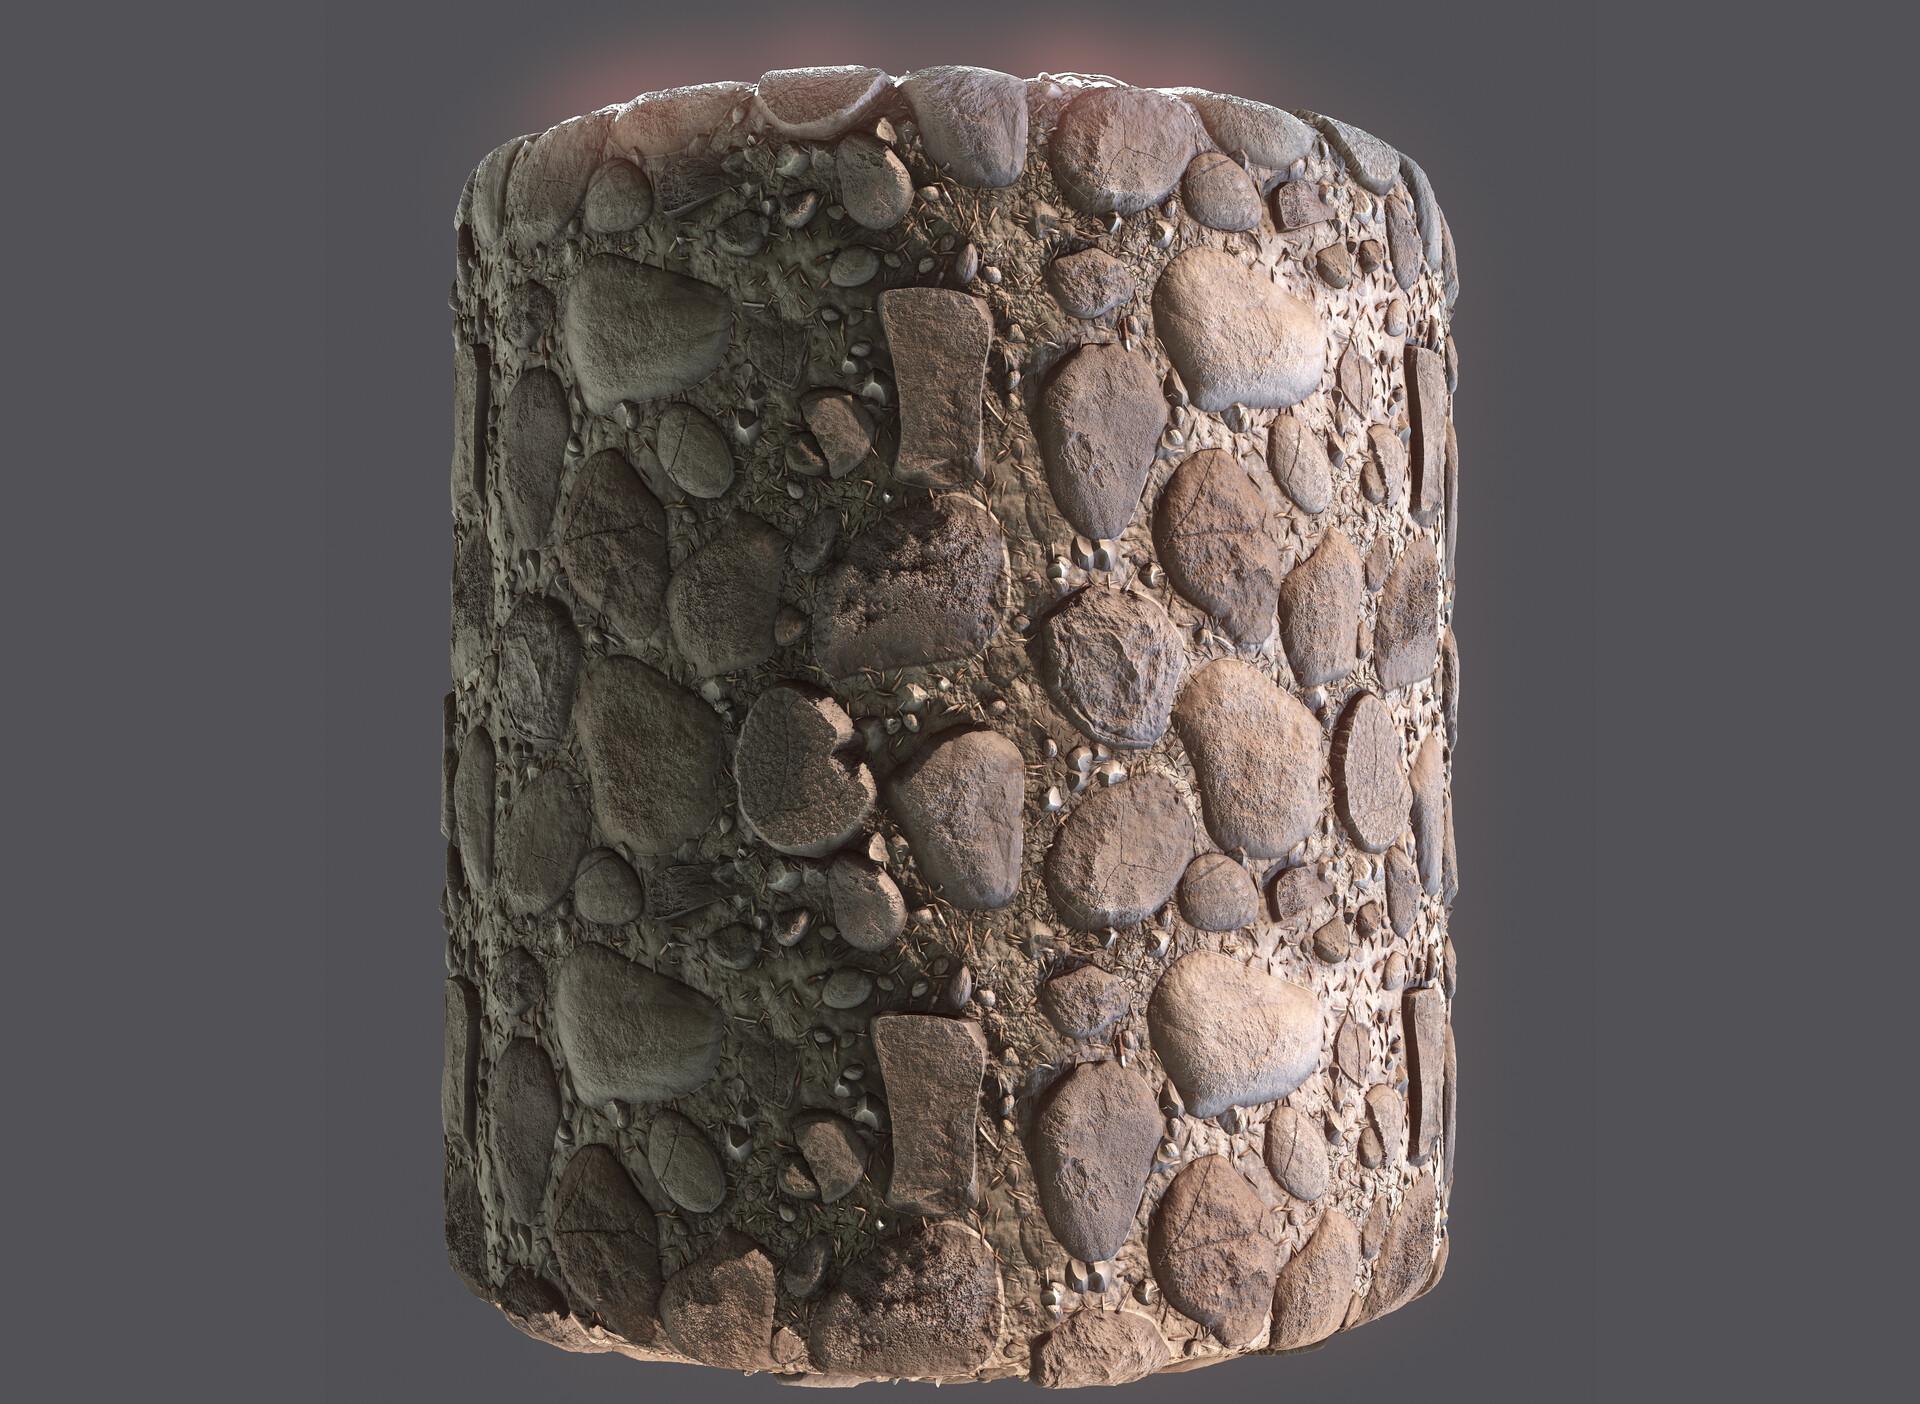 Procedural rocks made in Substance Designer. Mapped on a cylinder.